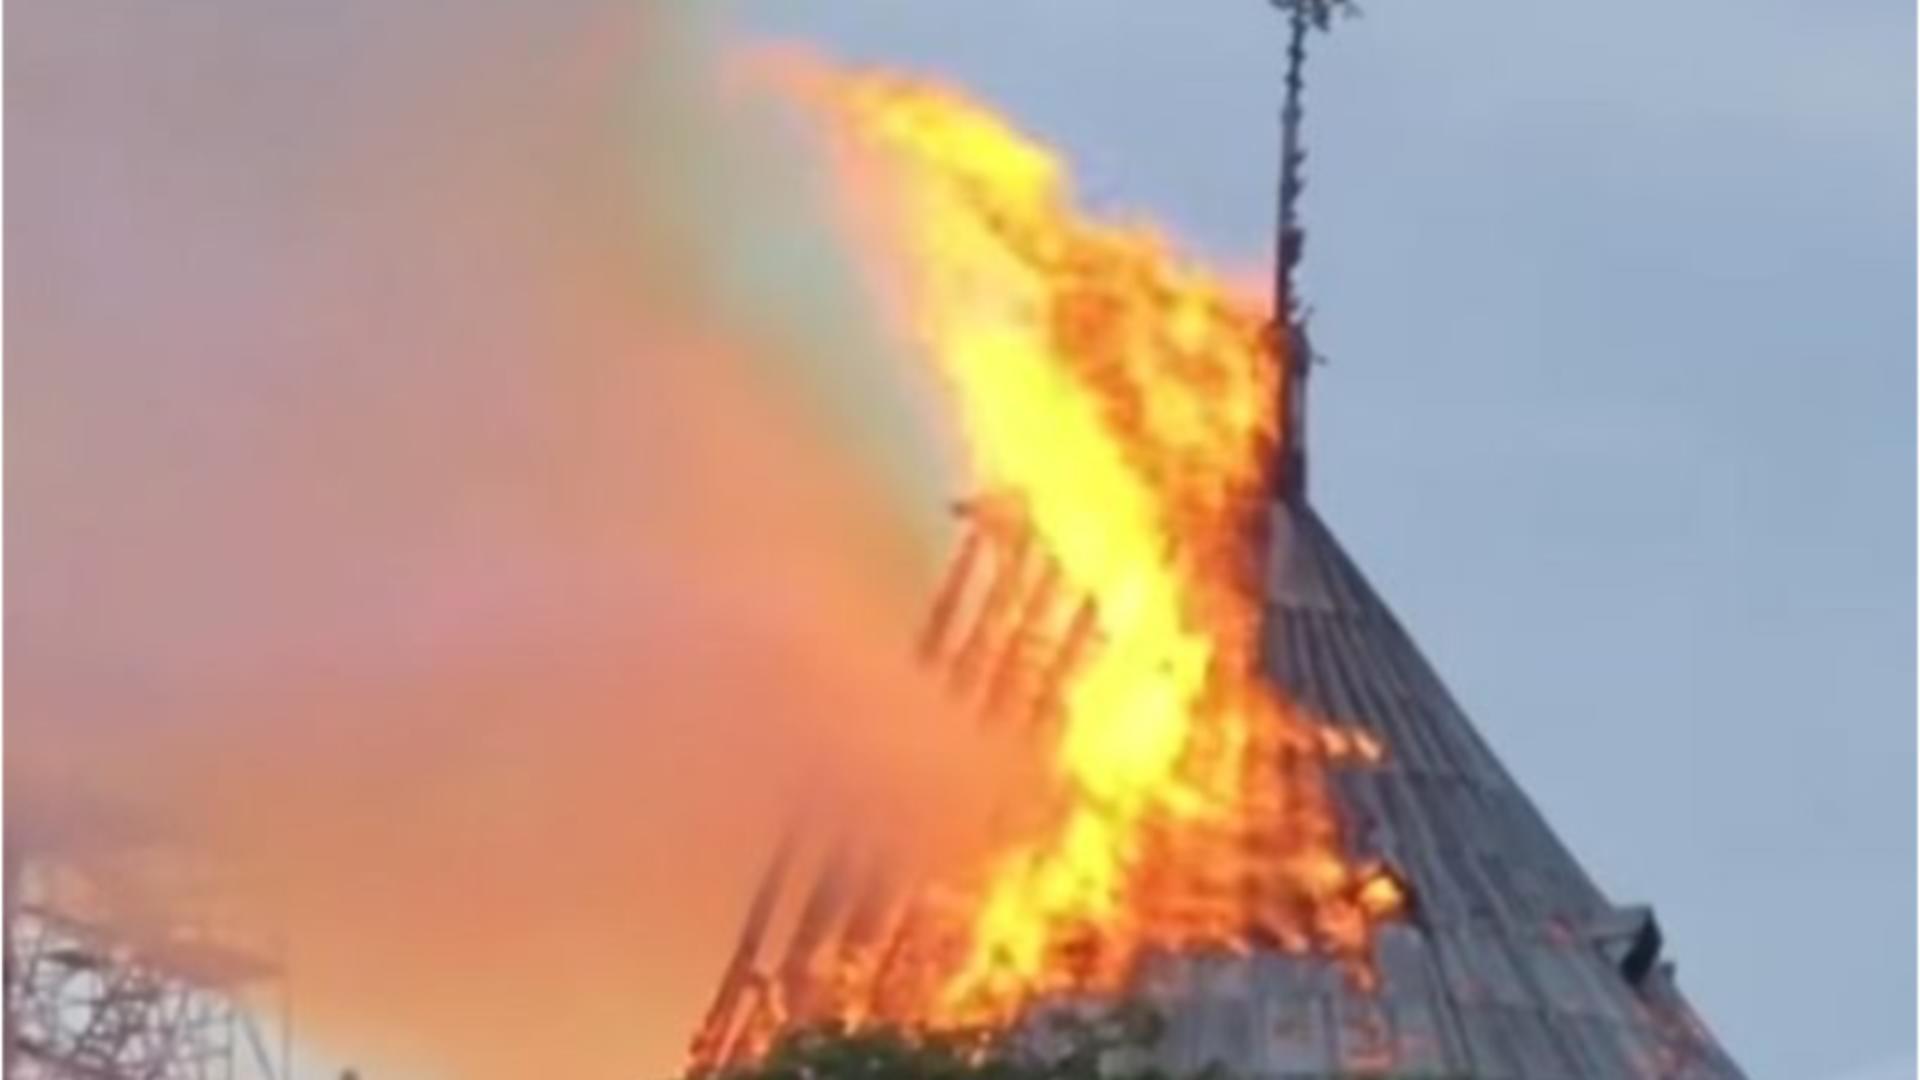 Incendiu catedrala Notre-Dame Paris - Captură foto